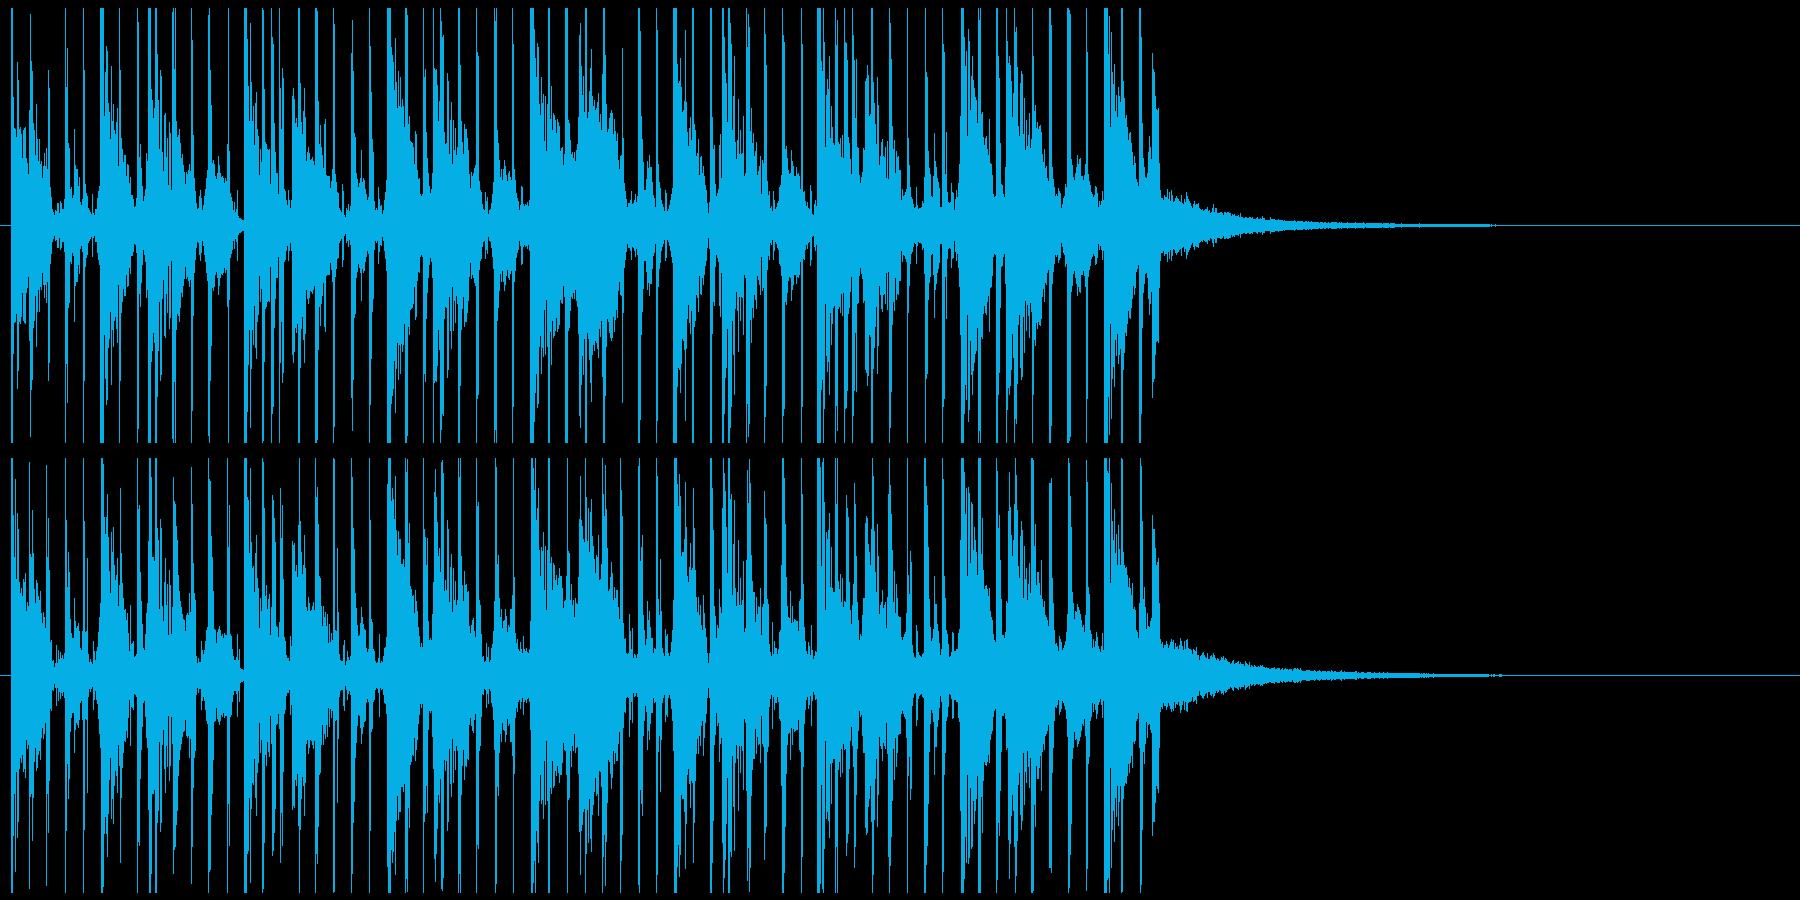 オープニングジングル 迫力リズムと疾走感の再生済みの波形